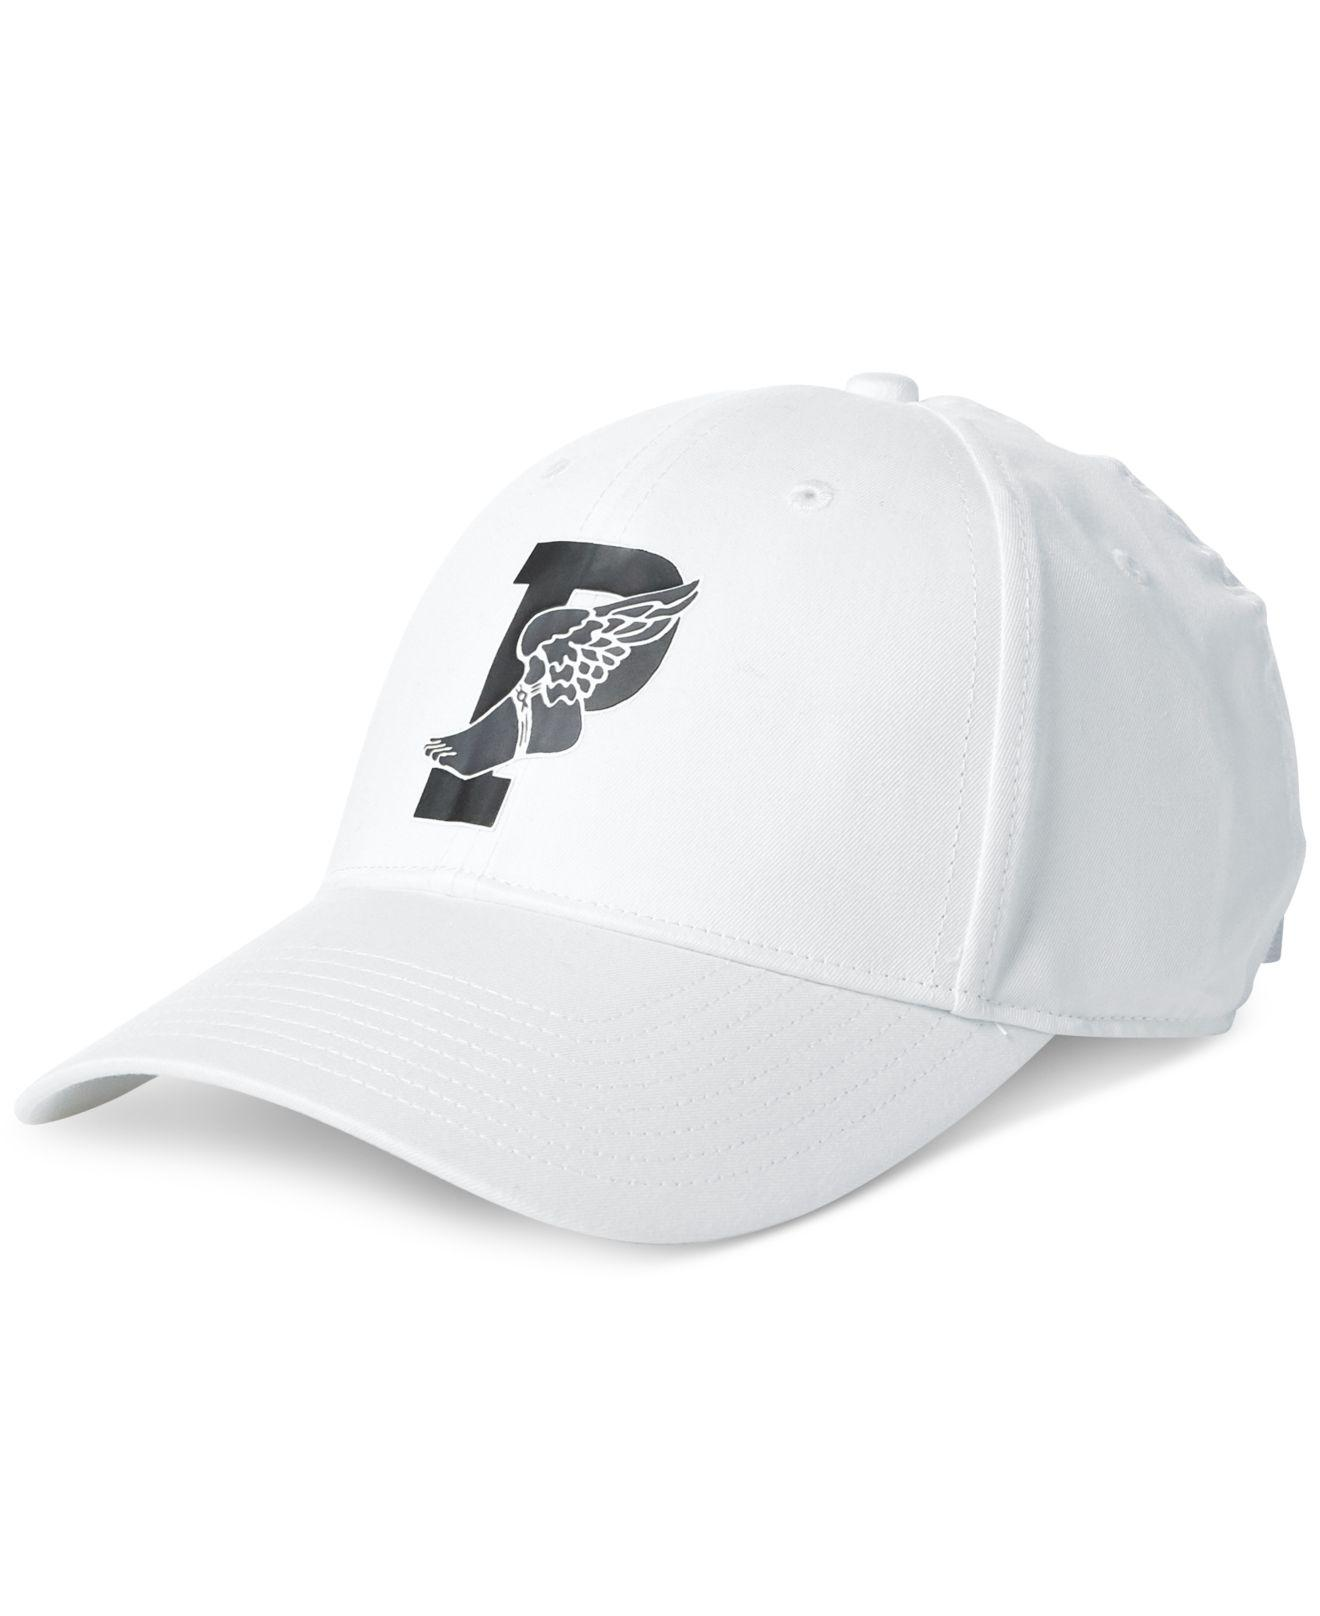 f07edc59977 Lyst - Polo Ralph Lauren Baseline Cap (black) Caps in White for Men